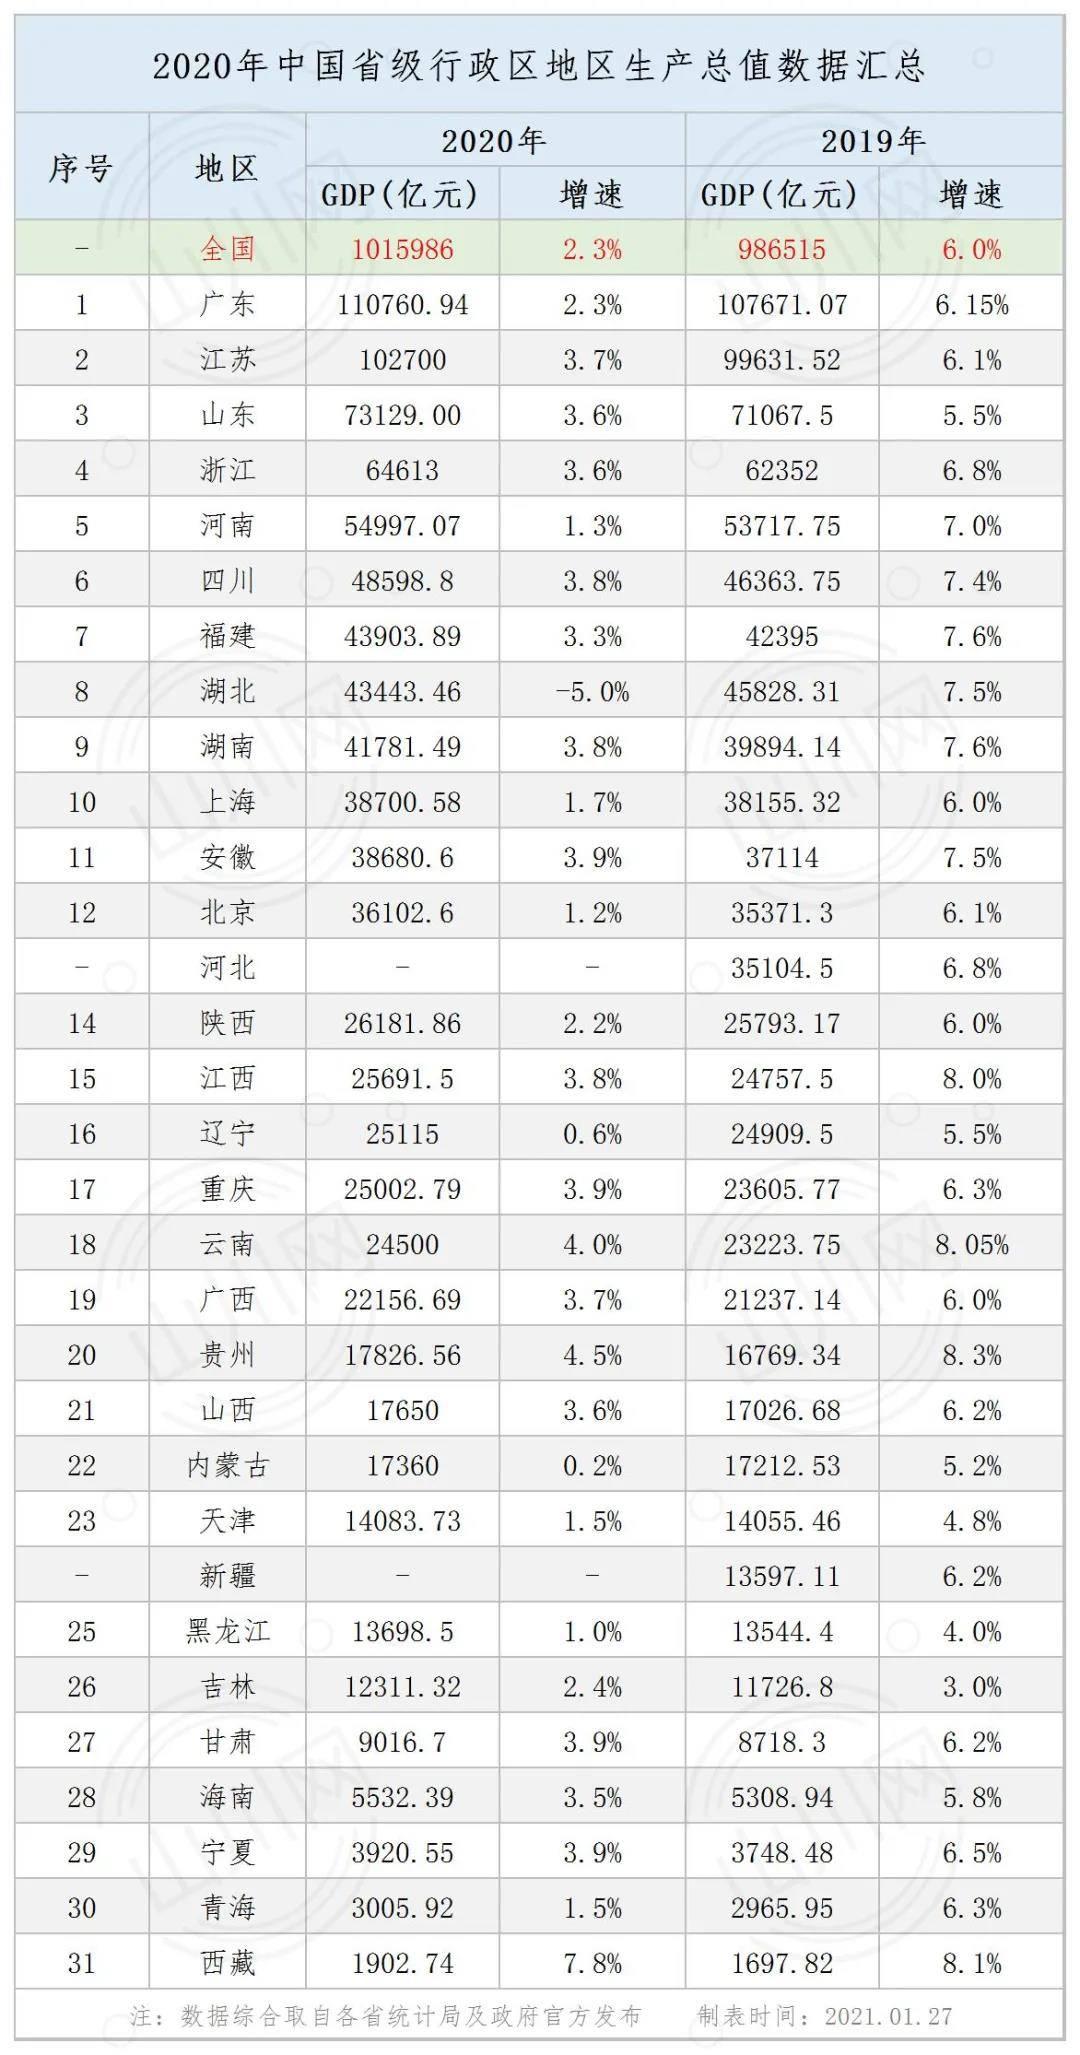 国家gdp统计_中国gdp增长图